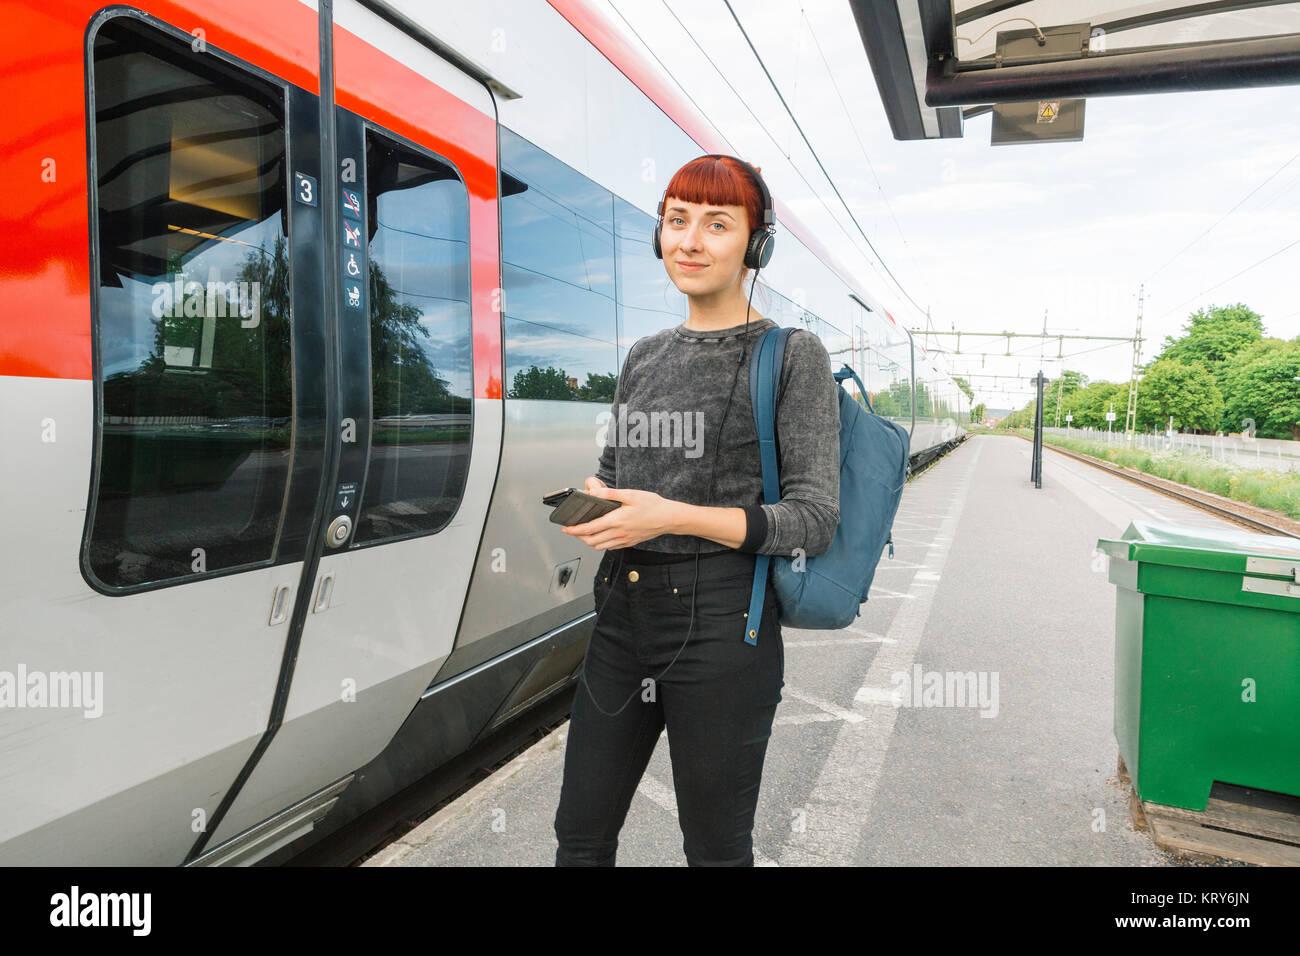 Frau mit Kopfhörern auf Bahnsteig Stockbild